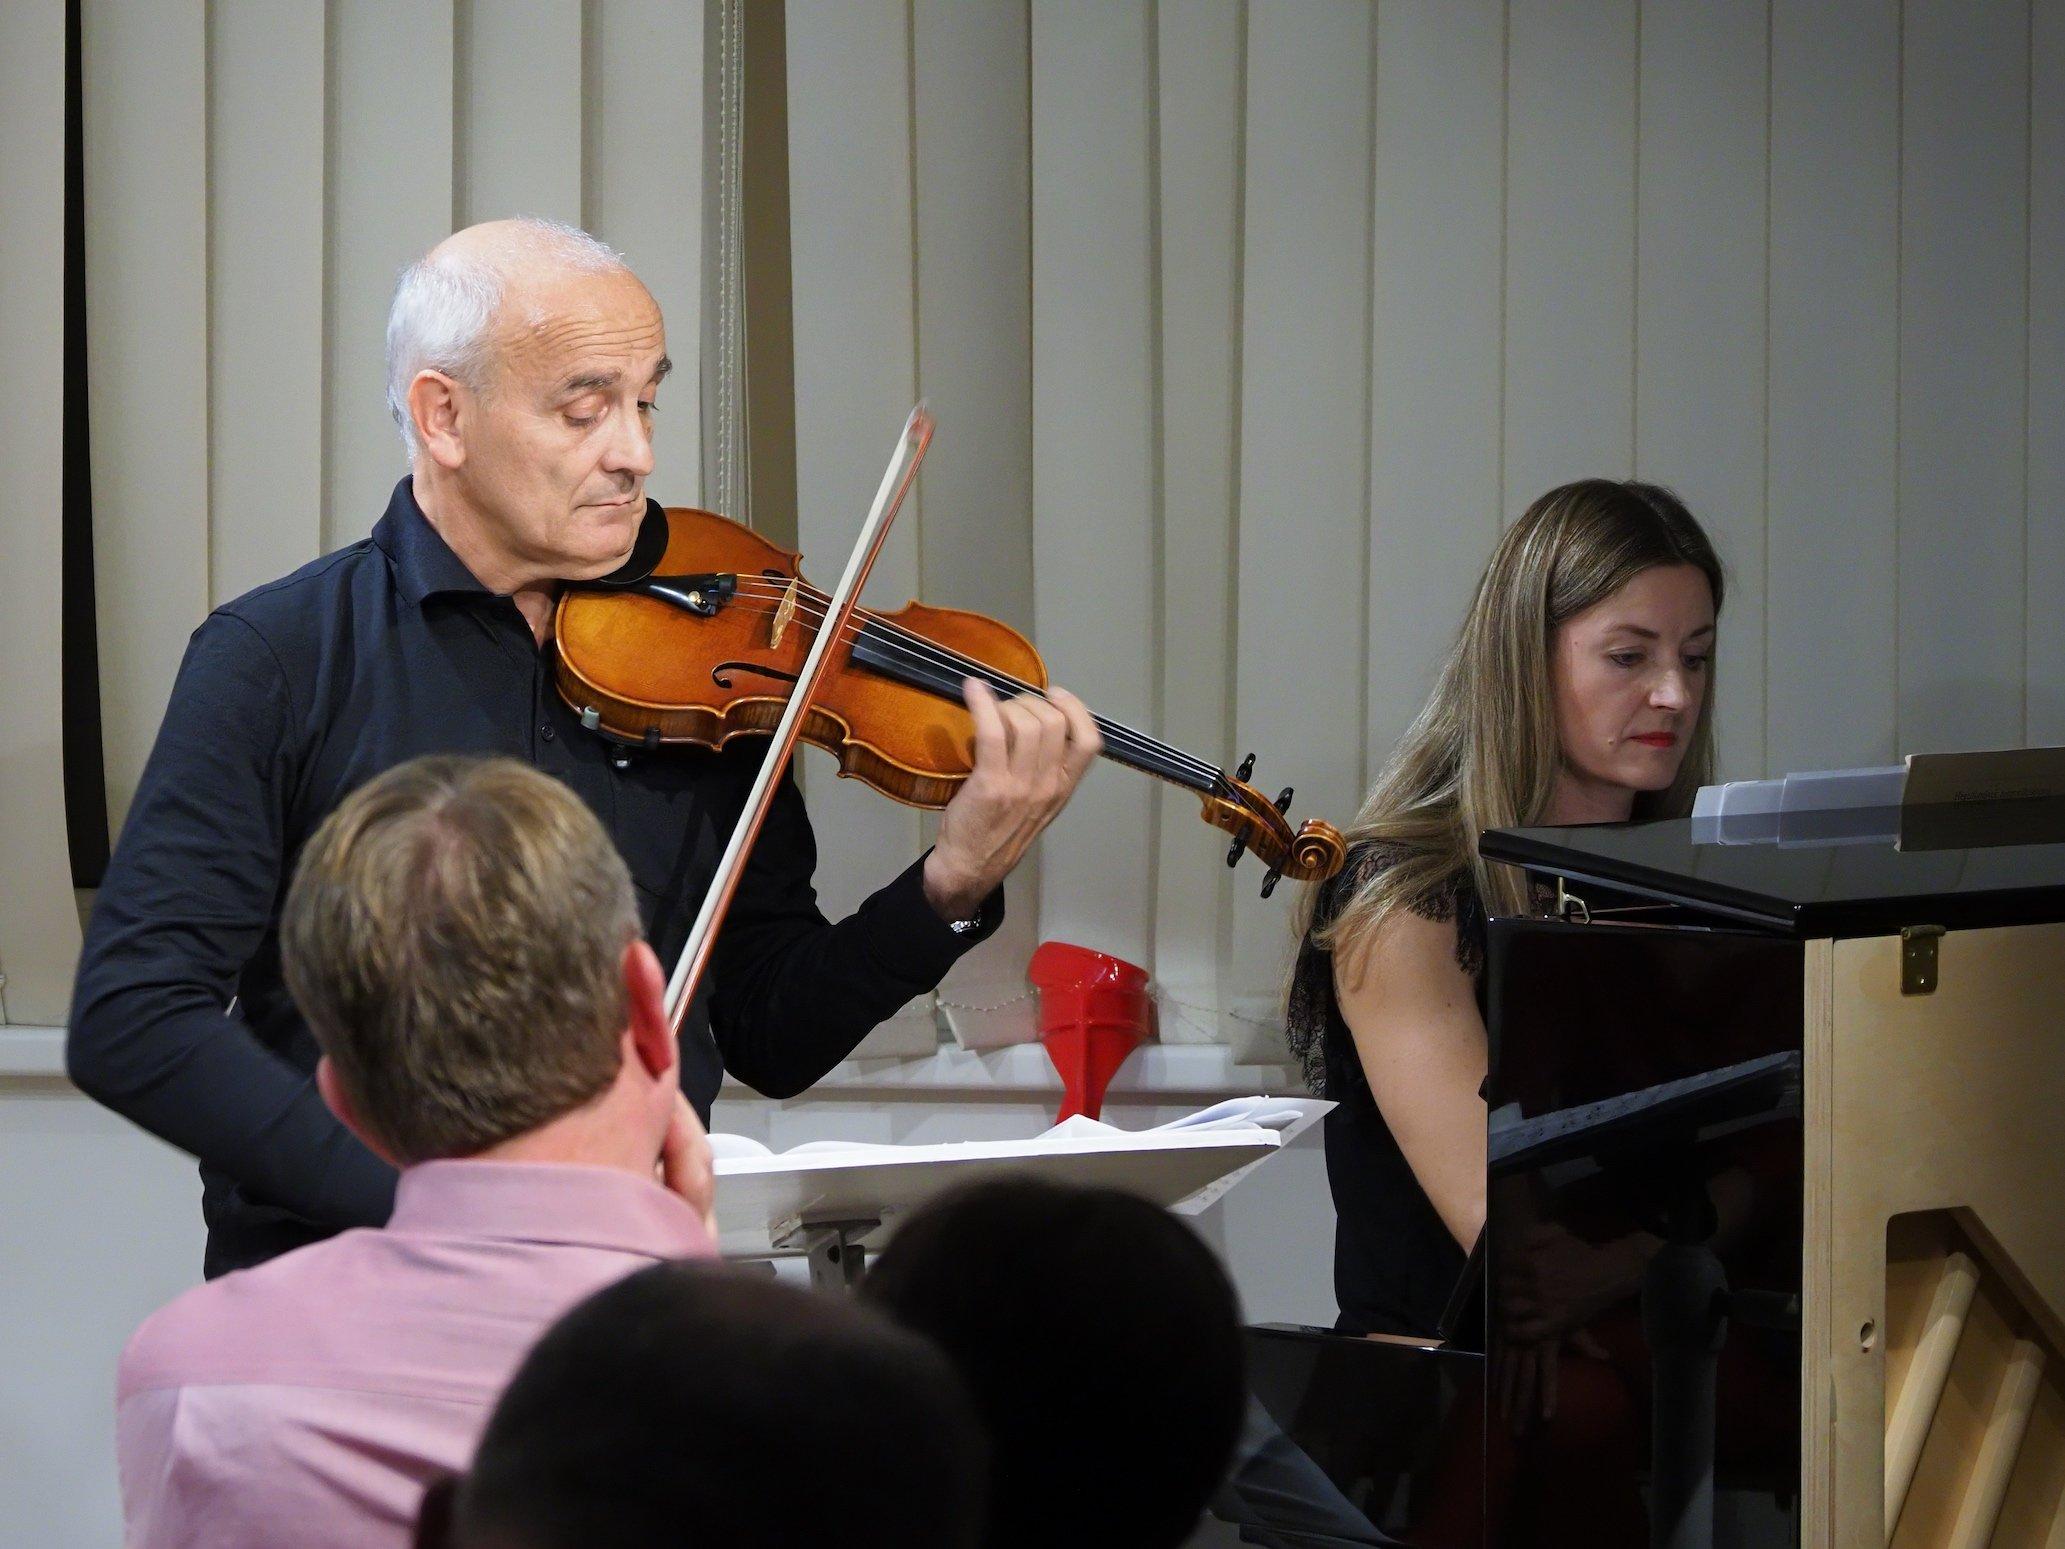 mit der Alexander Schütz Violine nach dem Modell der Sauret del Gesù